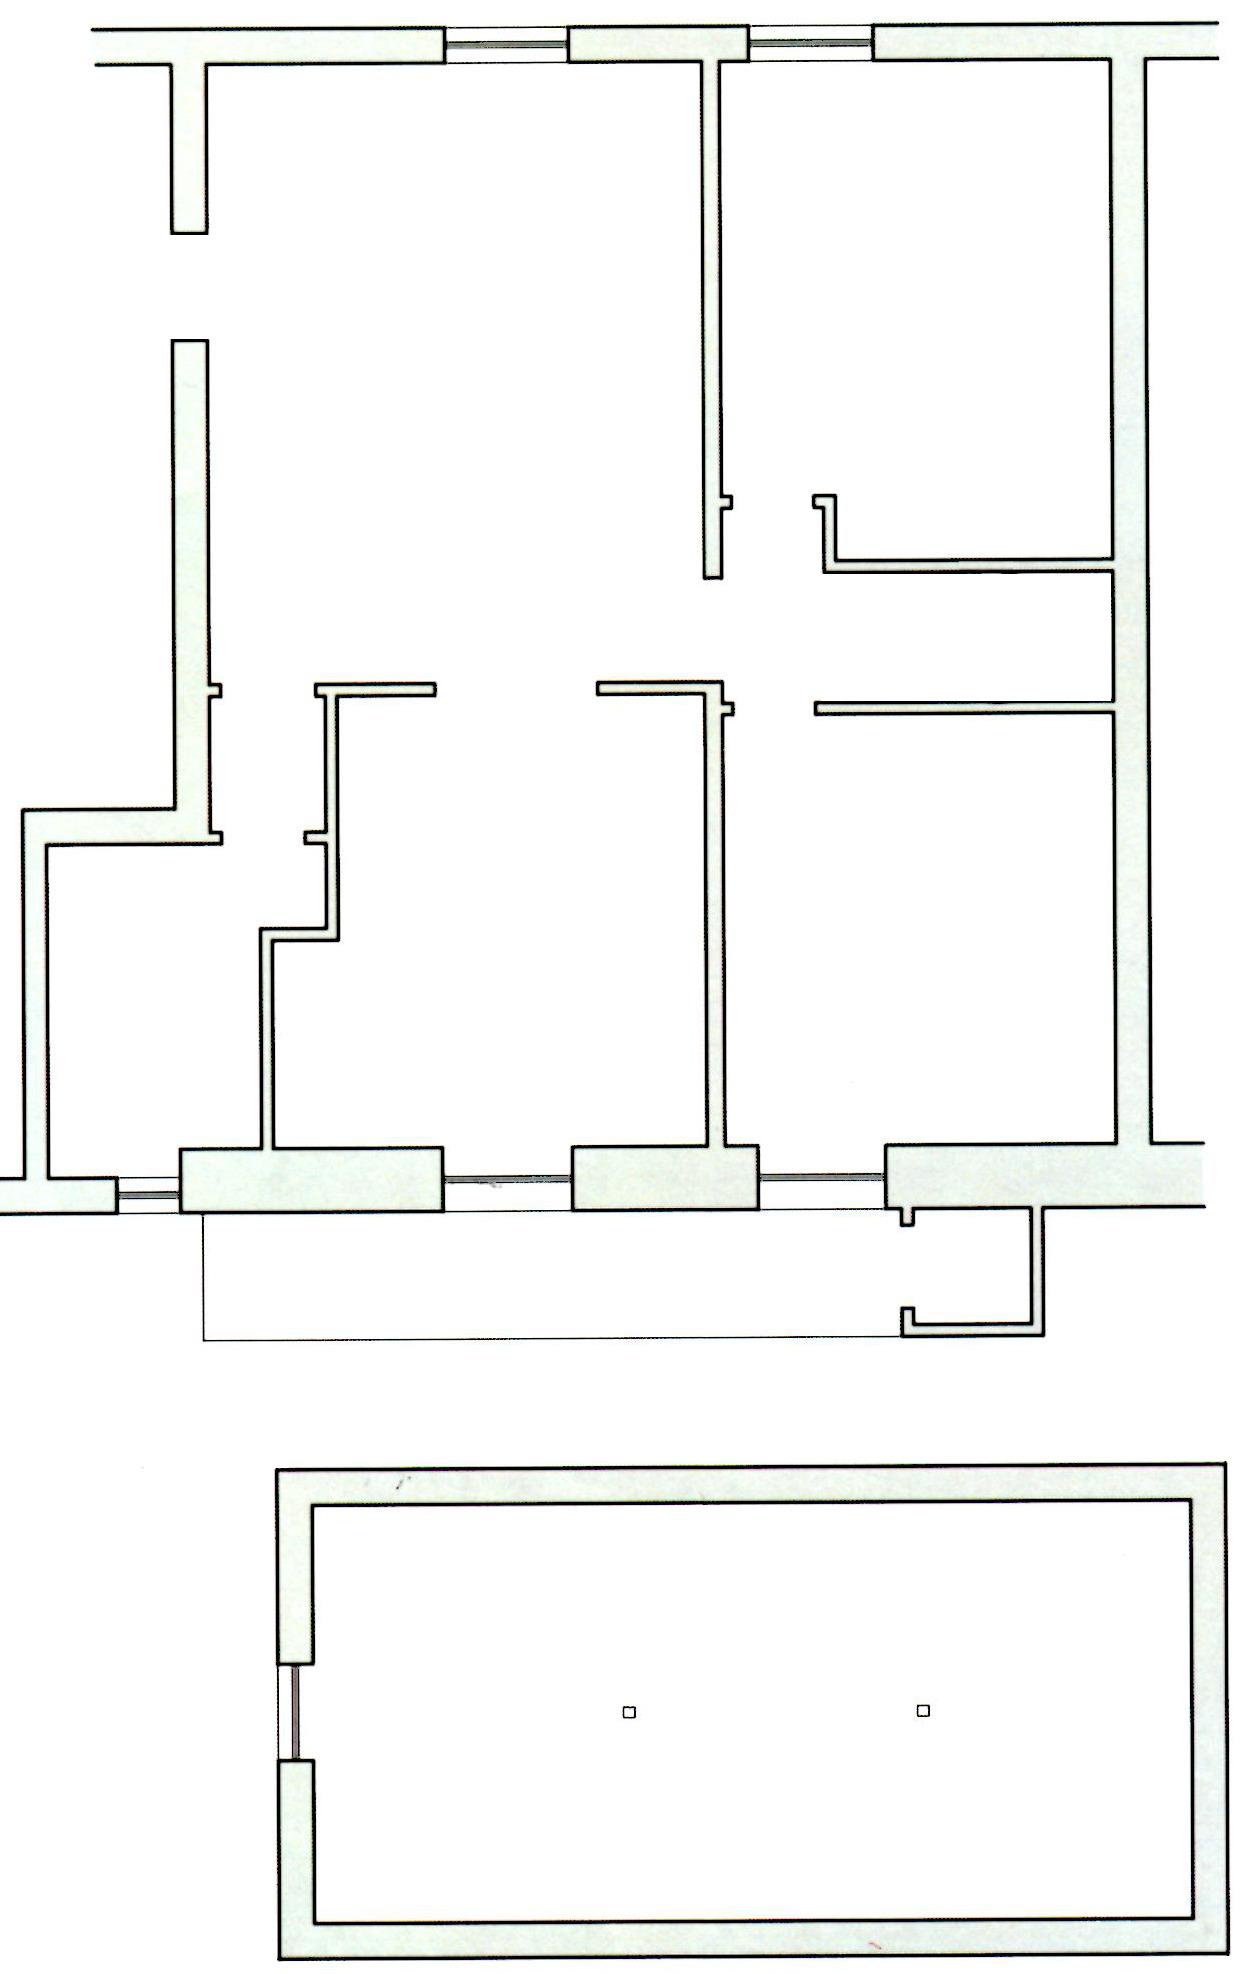 Progetto 97 mq architettura a domicilio for Progetta le planimetrie di casa online gratuitamente